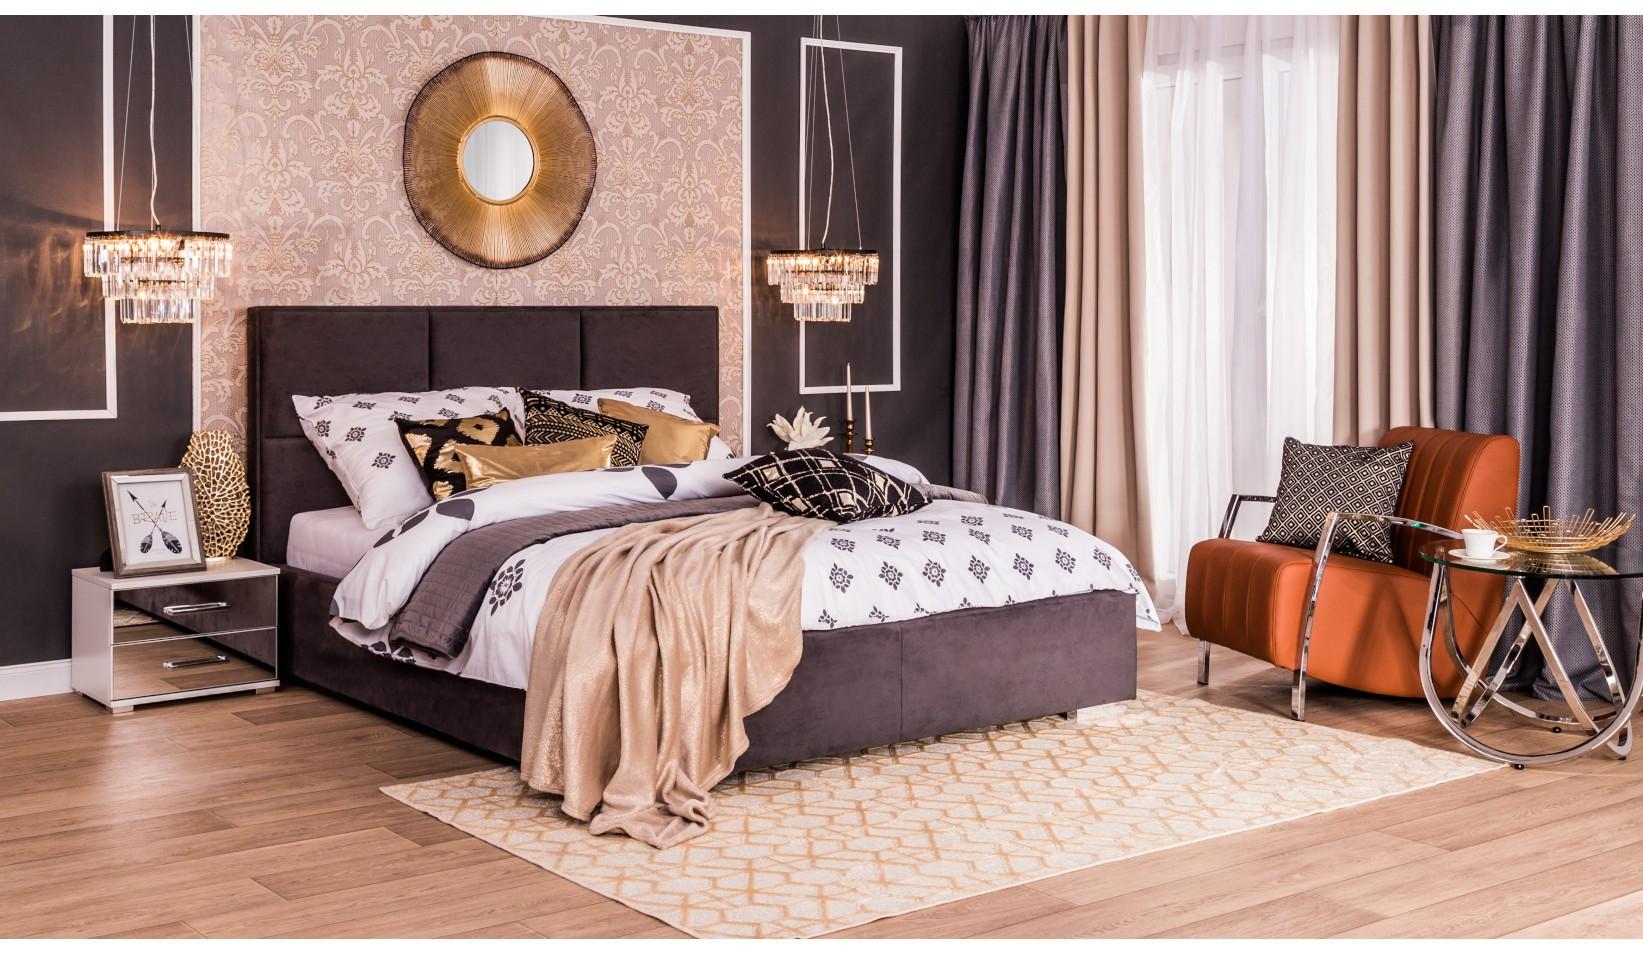 Bardzo dobryFantastyczny Wnętrza w stylu lat dwudziestych – sypialnia art déco   Salony Agata QB82